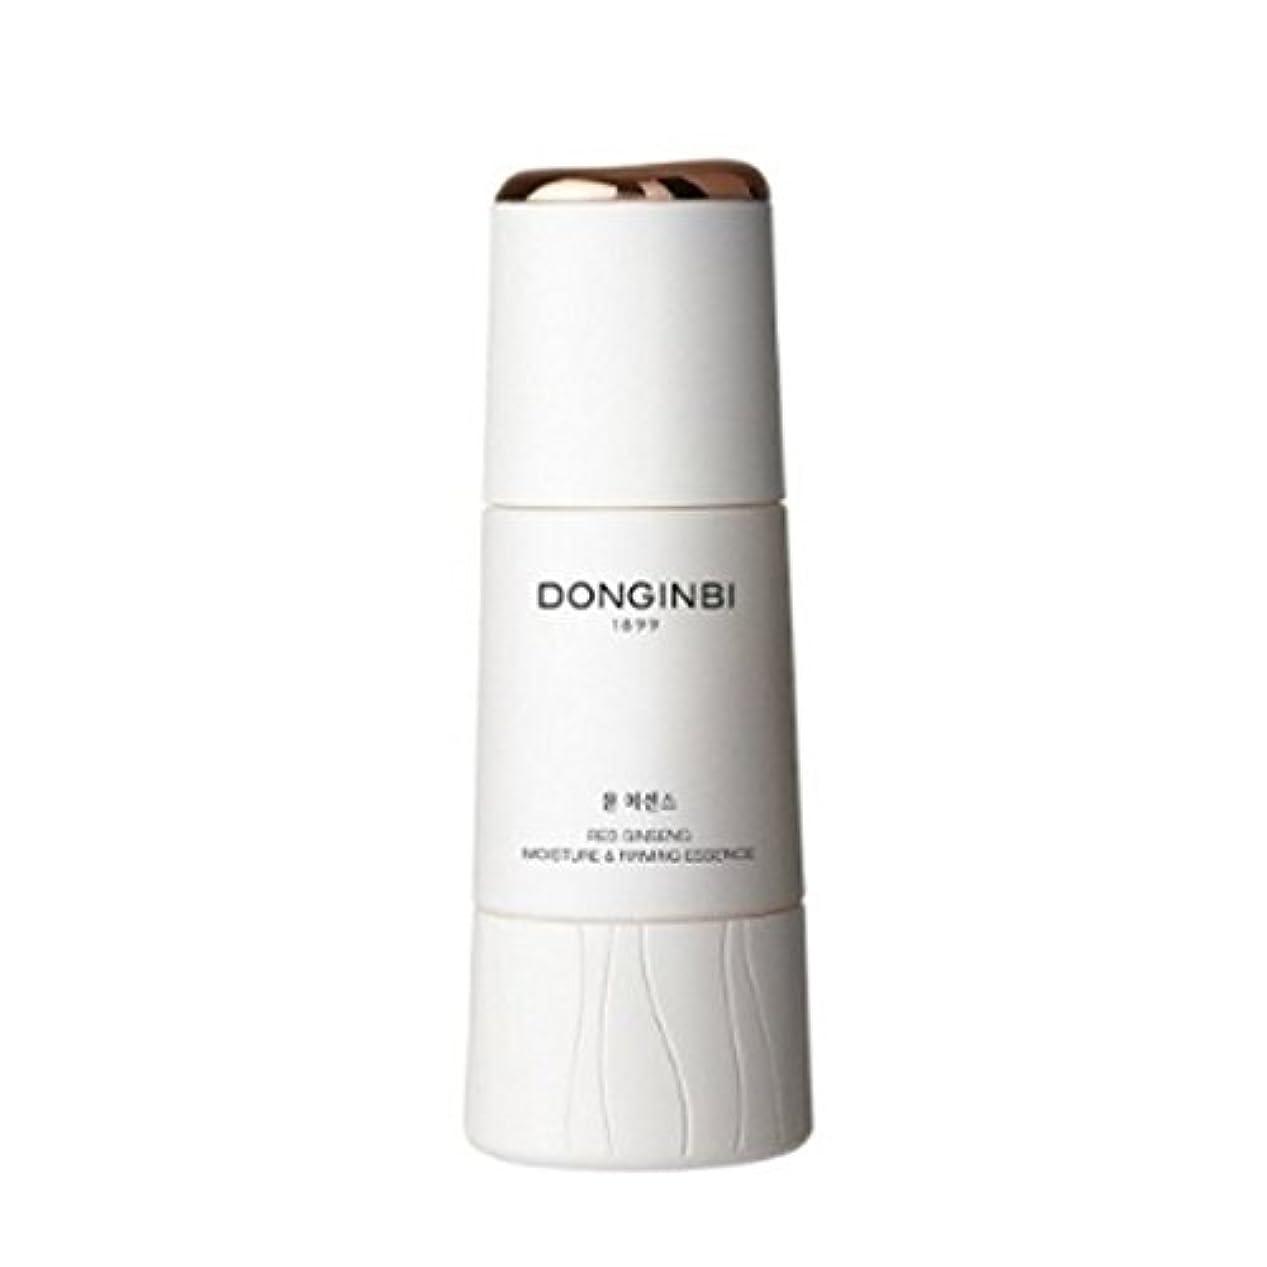 種類着実に連結する[ドンインビ]DONGINBI ドンインビユン エッセンス50ml 海外直送品 essence 50ml [並行輸入品]